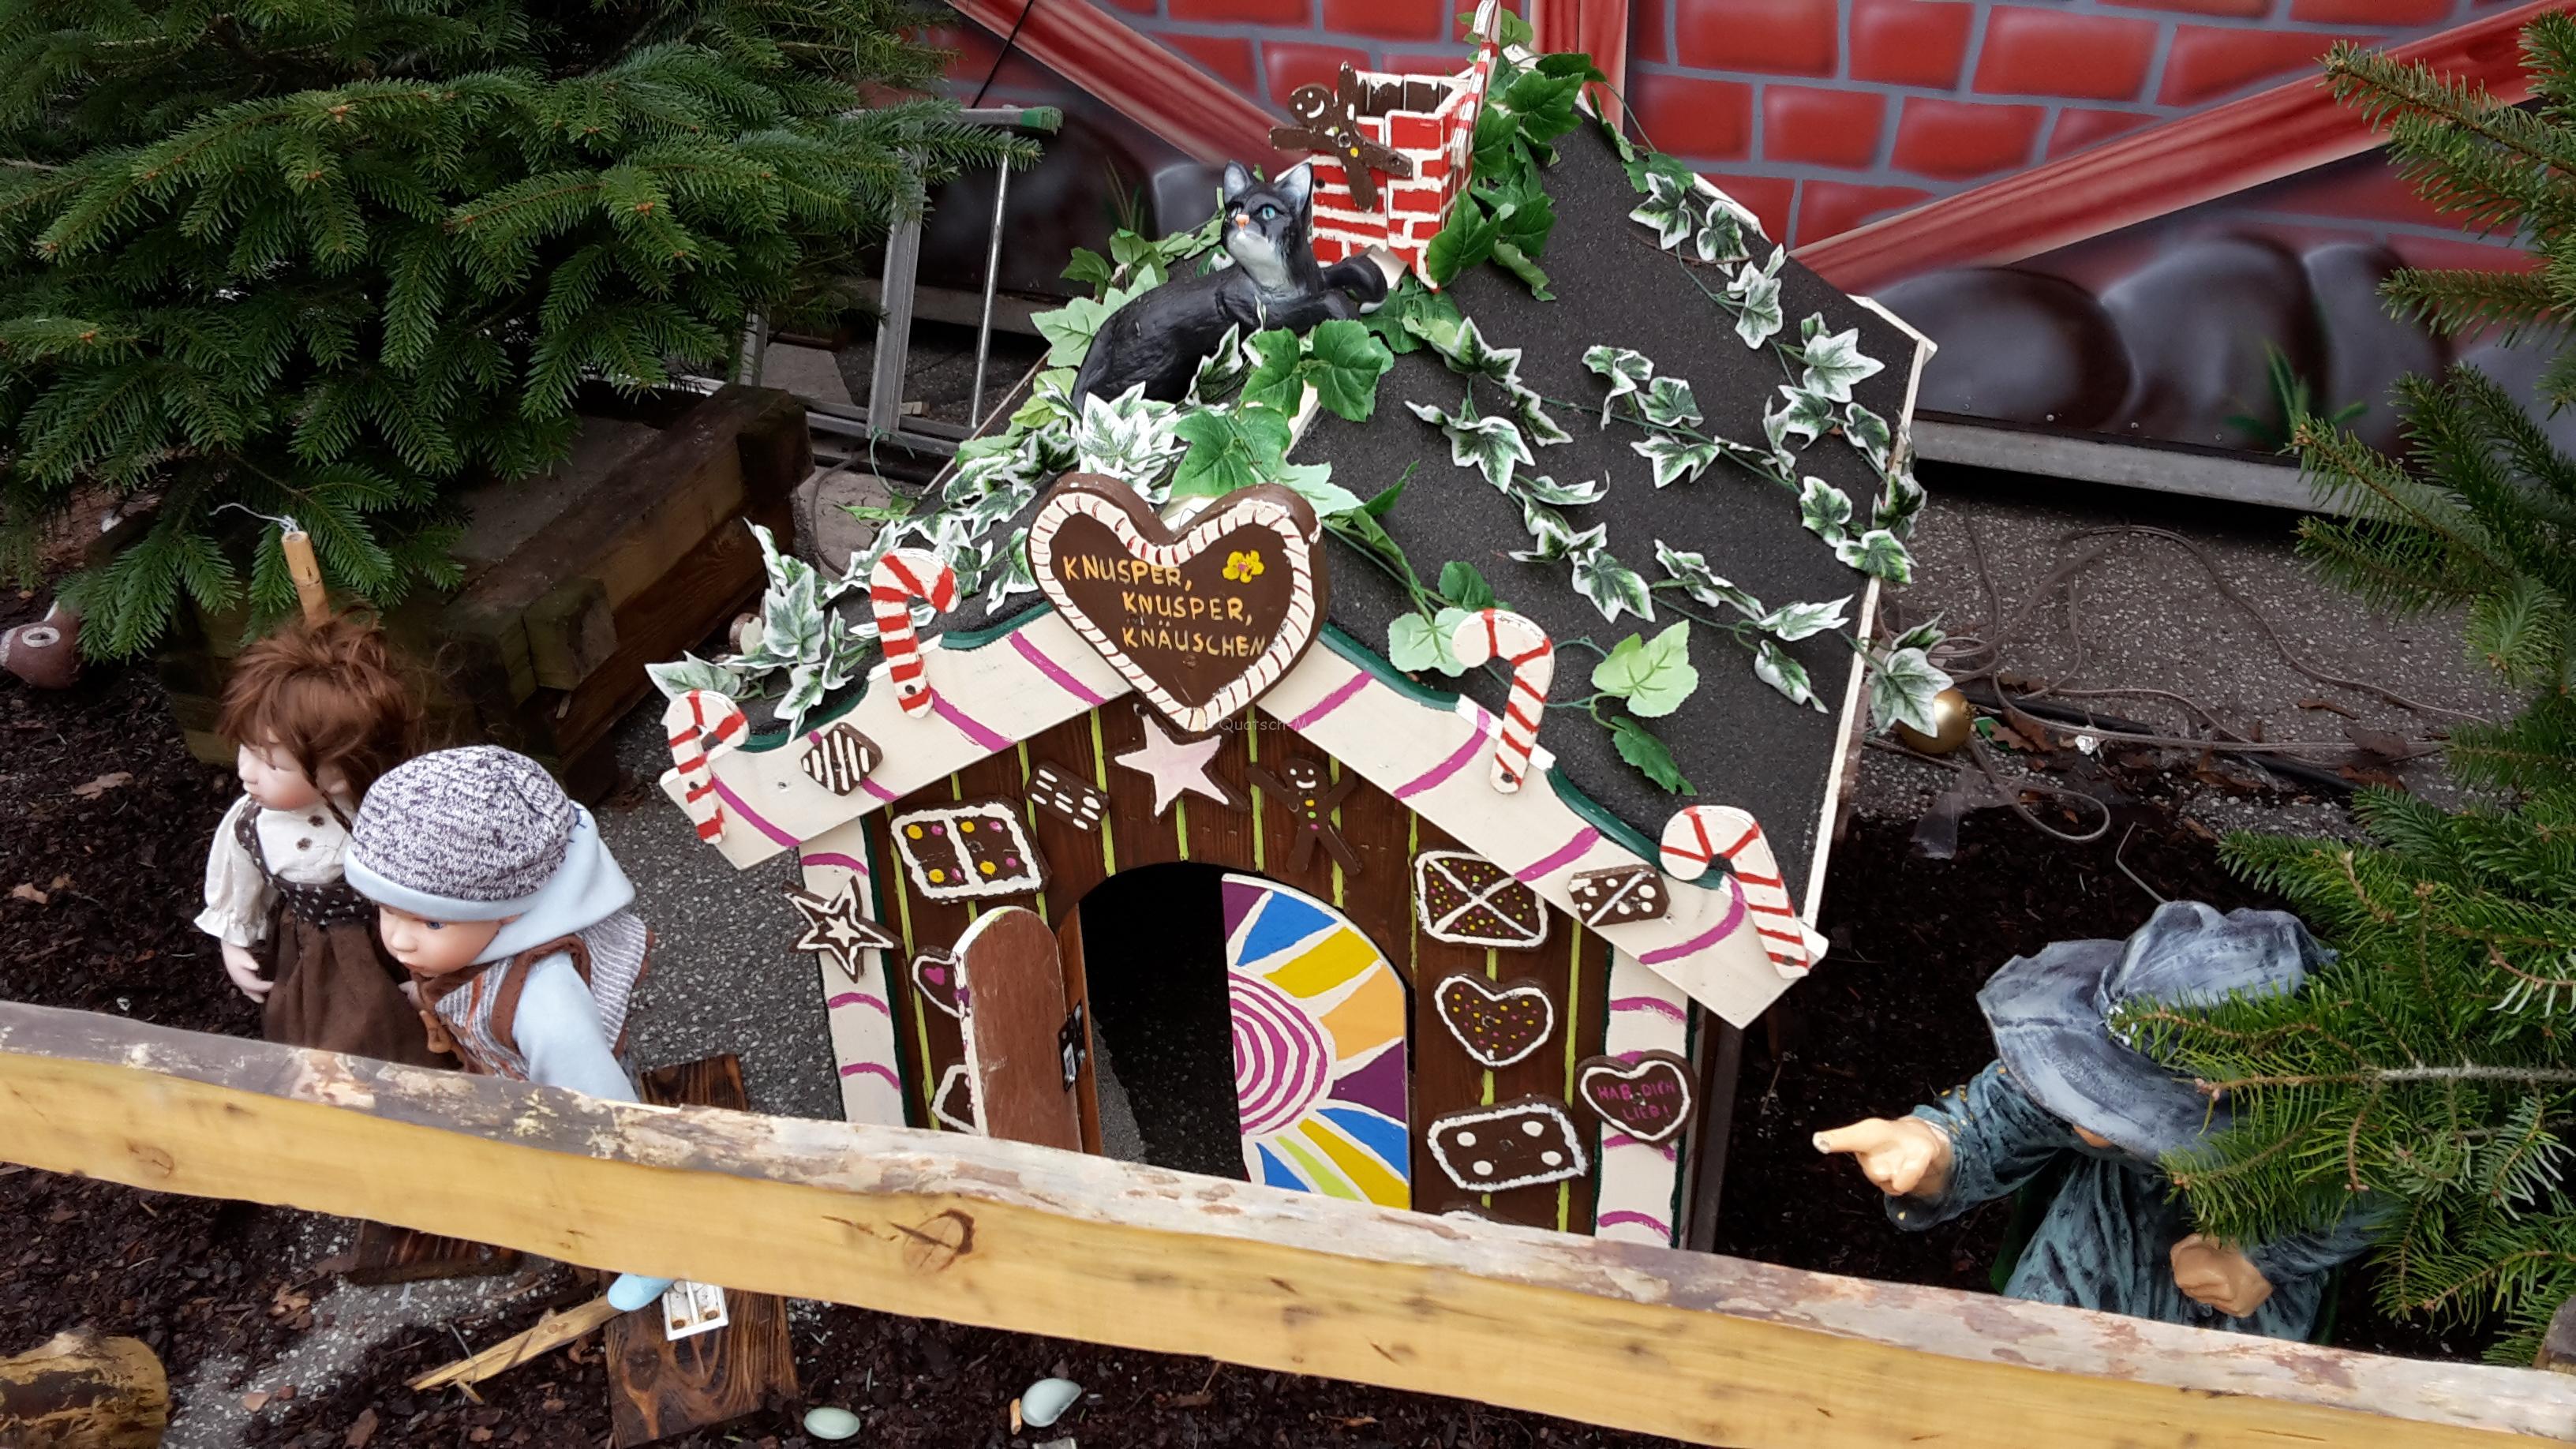 Besuch auf dem Weihnachtsmarkt